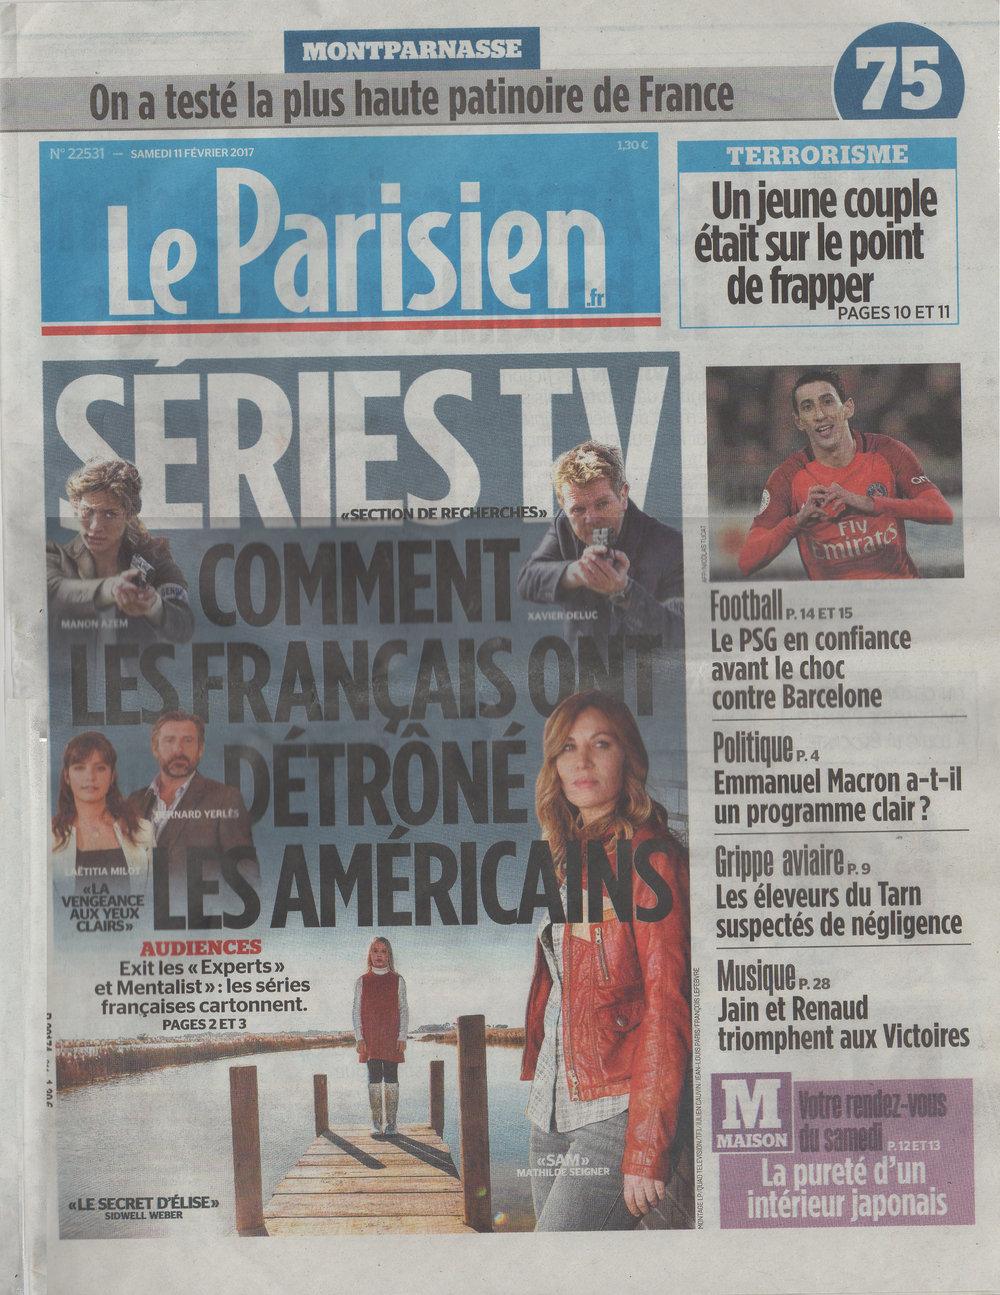 2017-02-11 Le Parisien (1).jpg